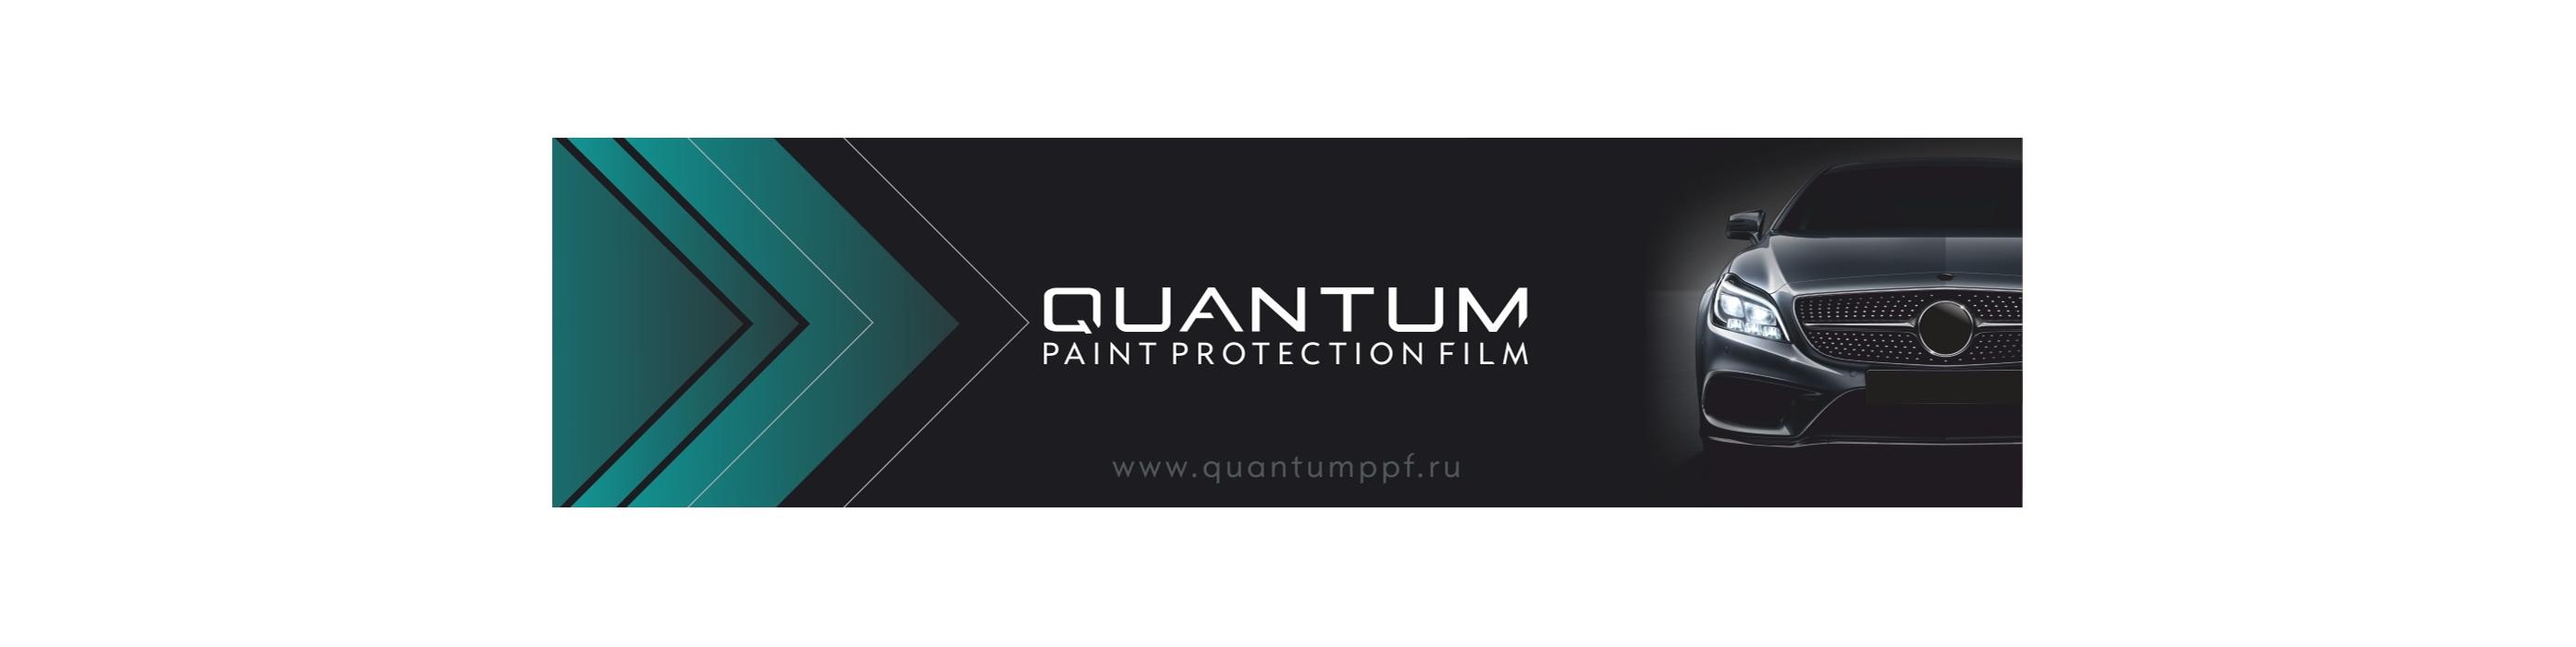 Пленка QUANTUM PRO (Квантум) 1.52